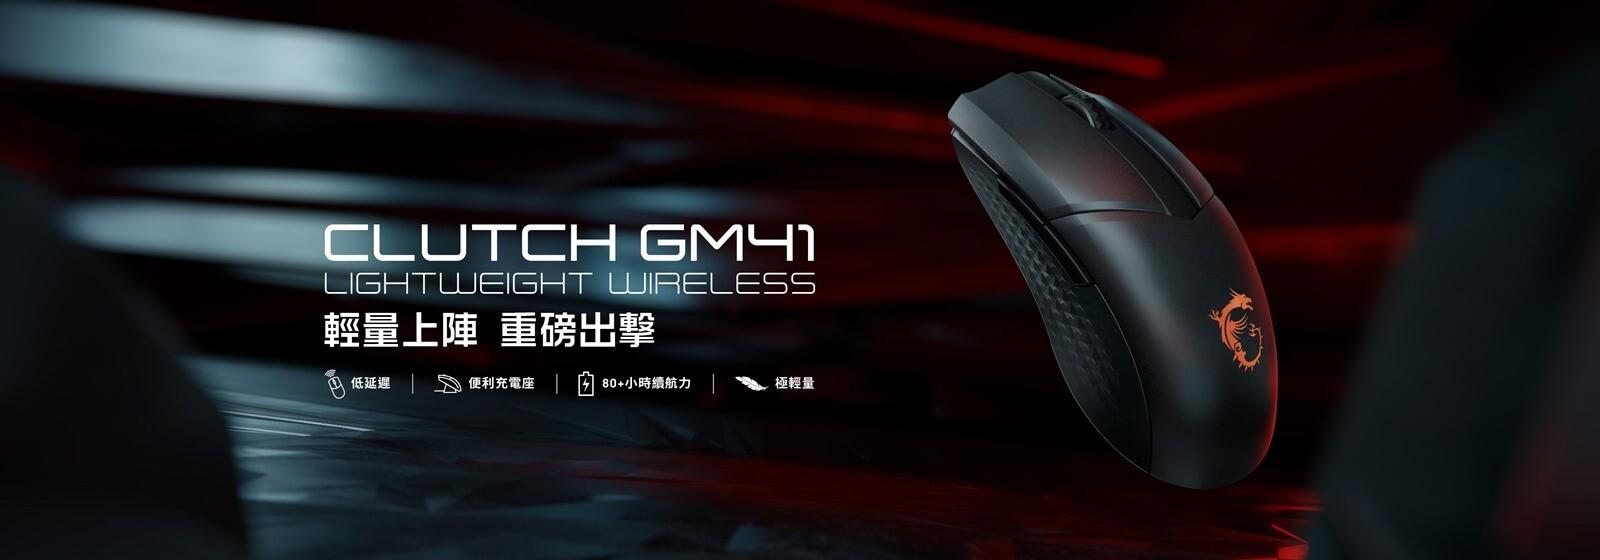 輕量上陣,重磅出擊 MSI CLUTCH GM41 LIGHTWEIGHT WIRELESS 無線滑鼠嶄新上市 @3C 達人廖阿輝